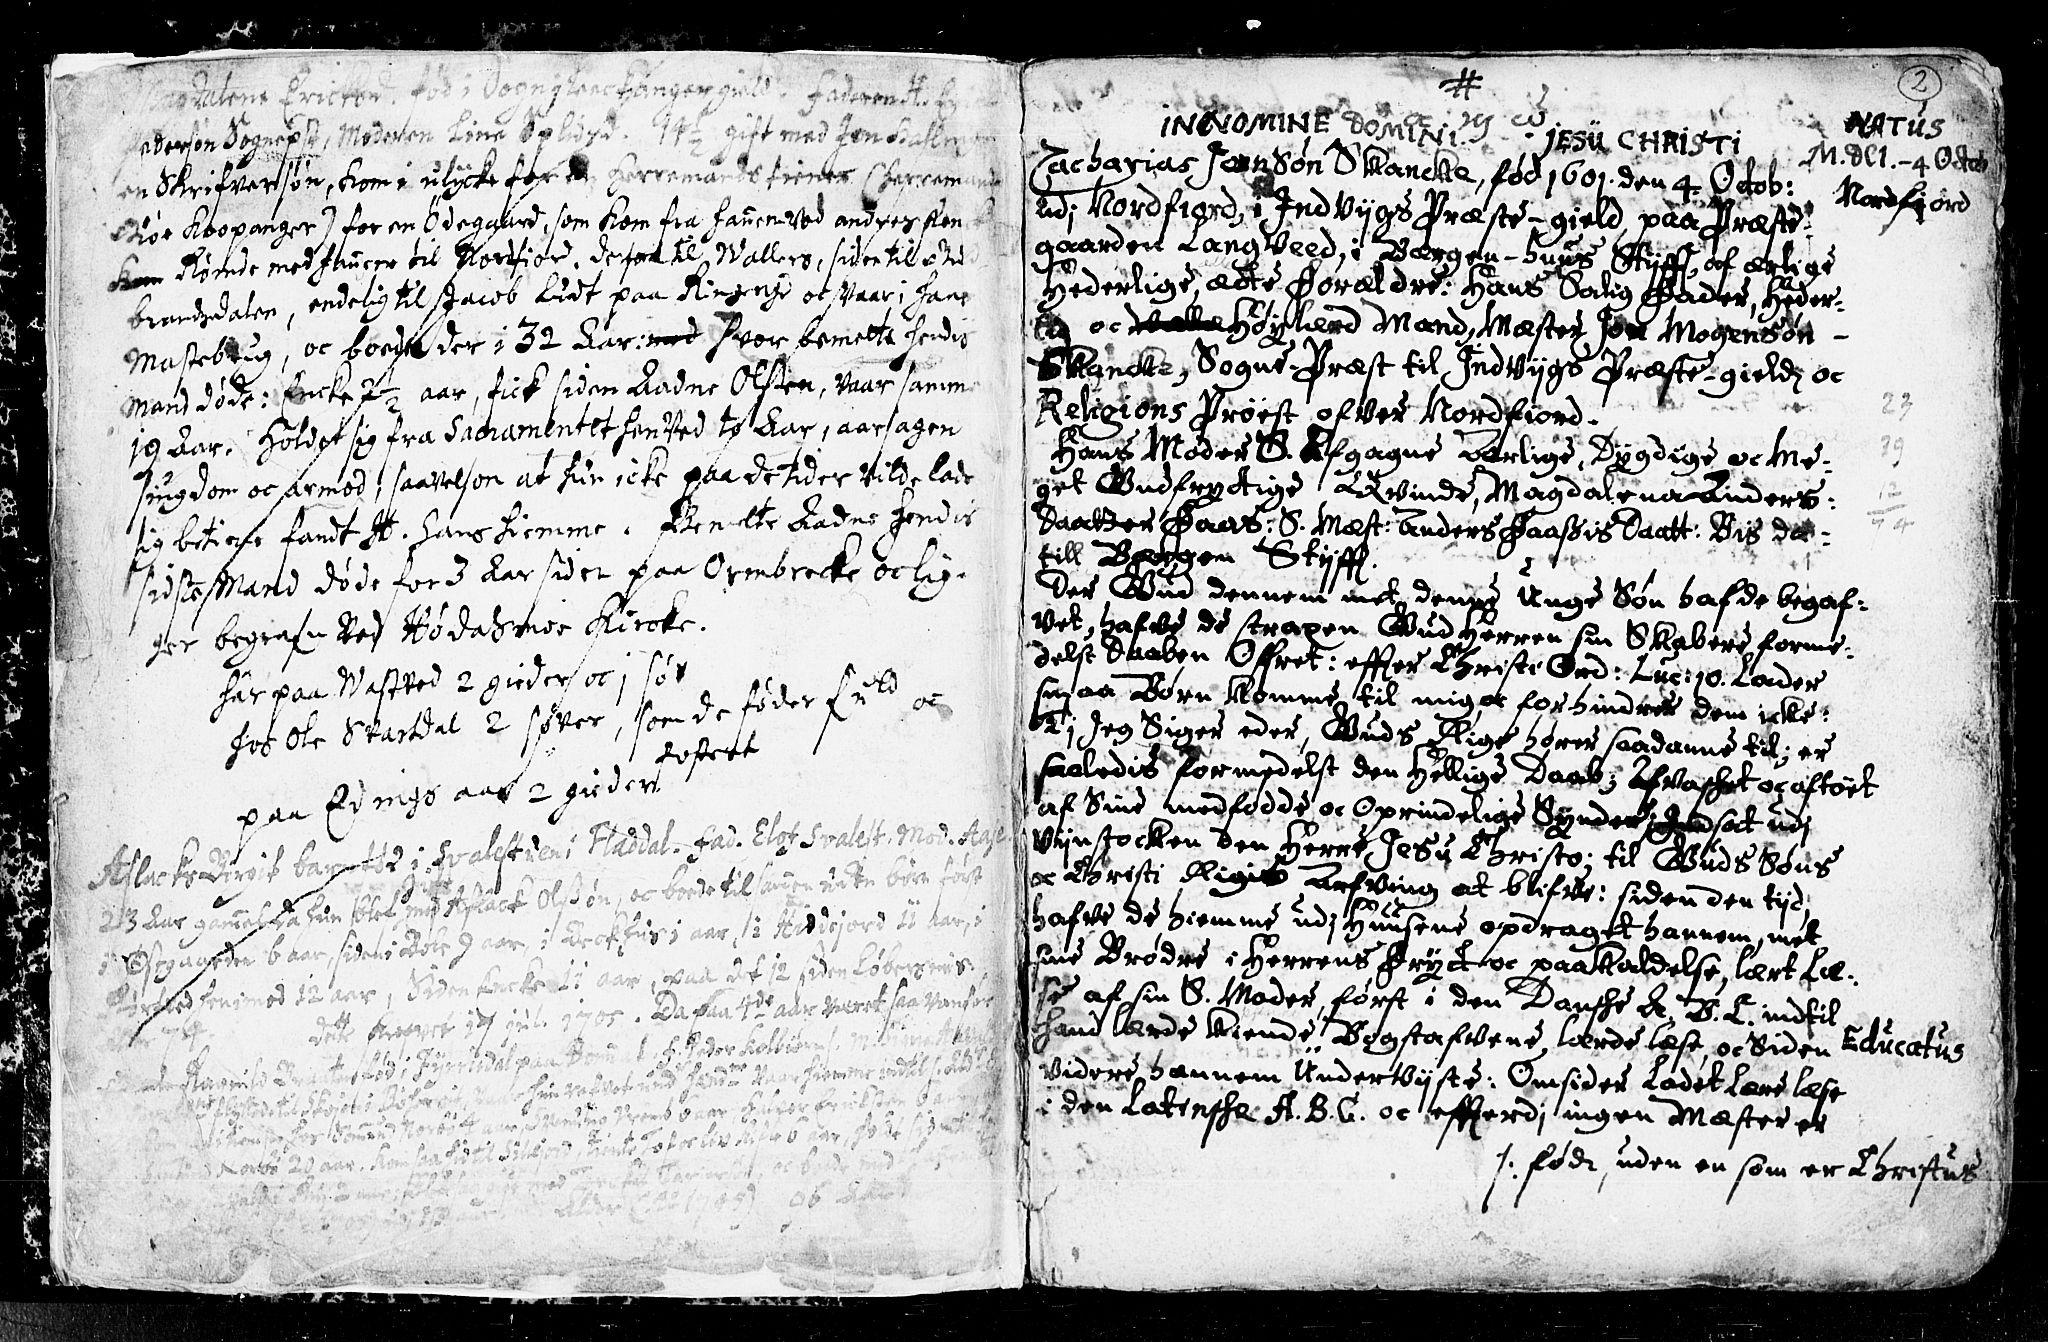 SAKO, Seljord kirkebøker, F/Fa/L0001: Ministerialbok nr. I 1, 1654-1686, s. 2